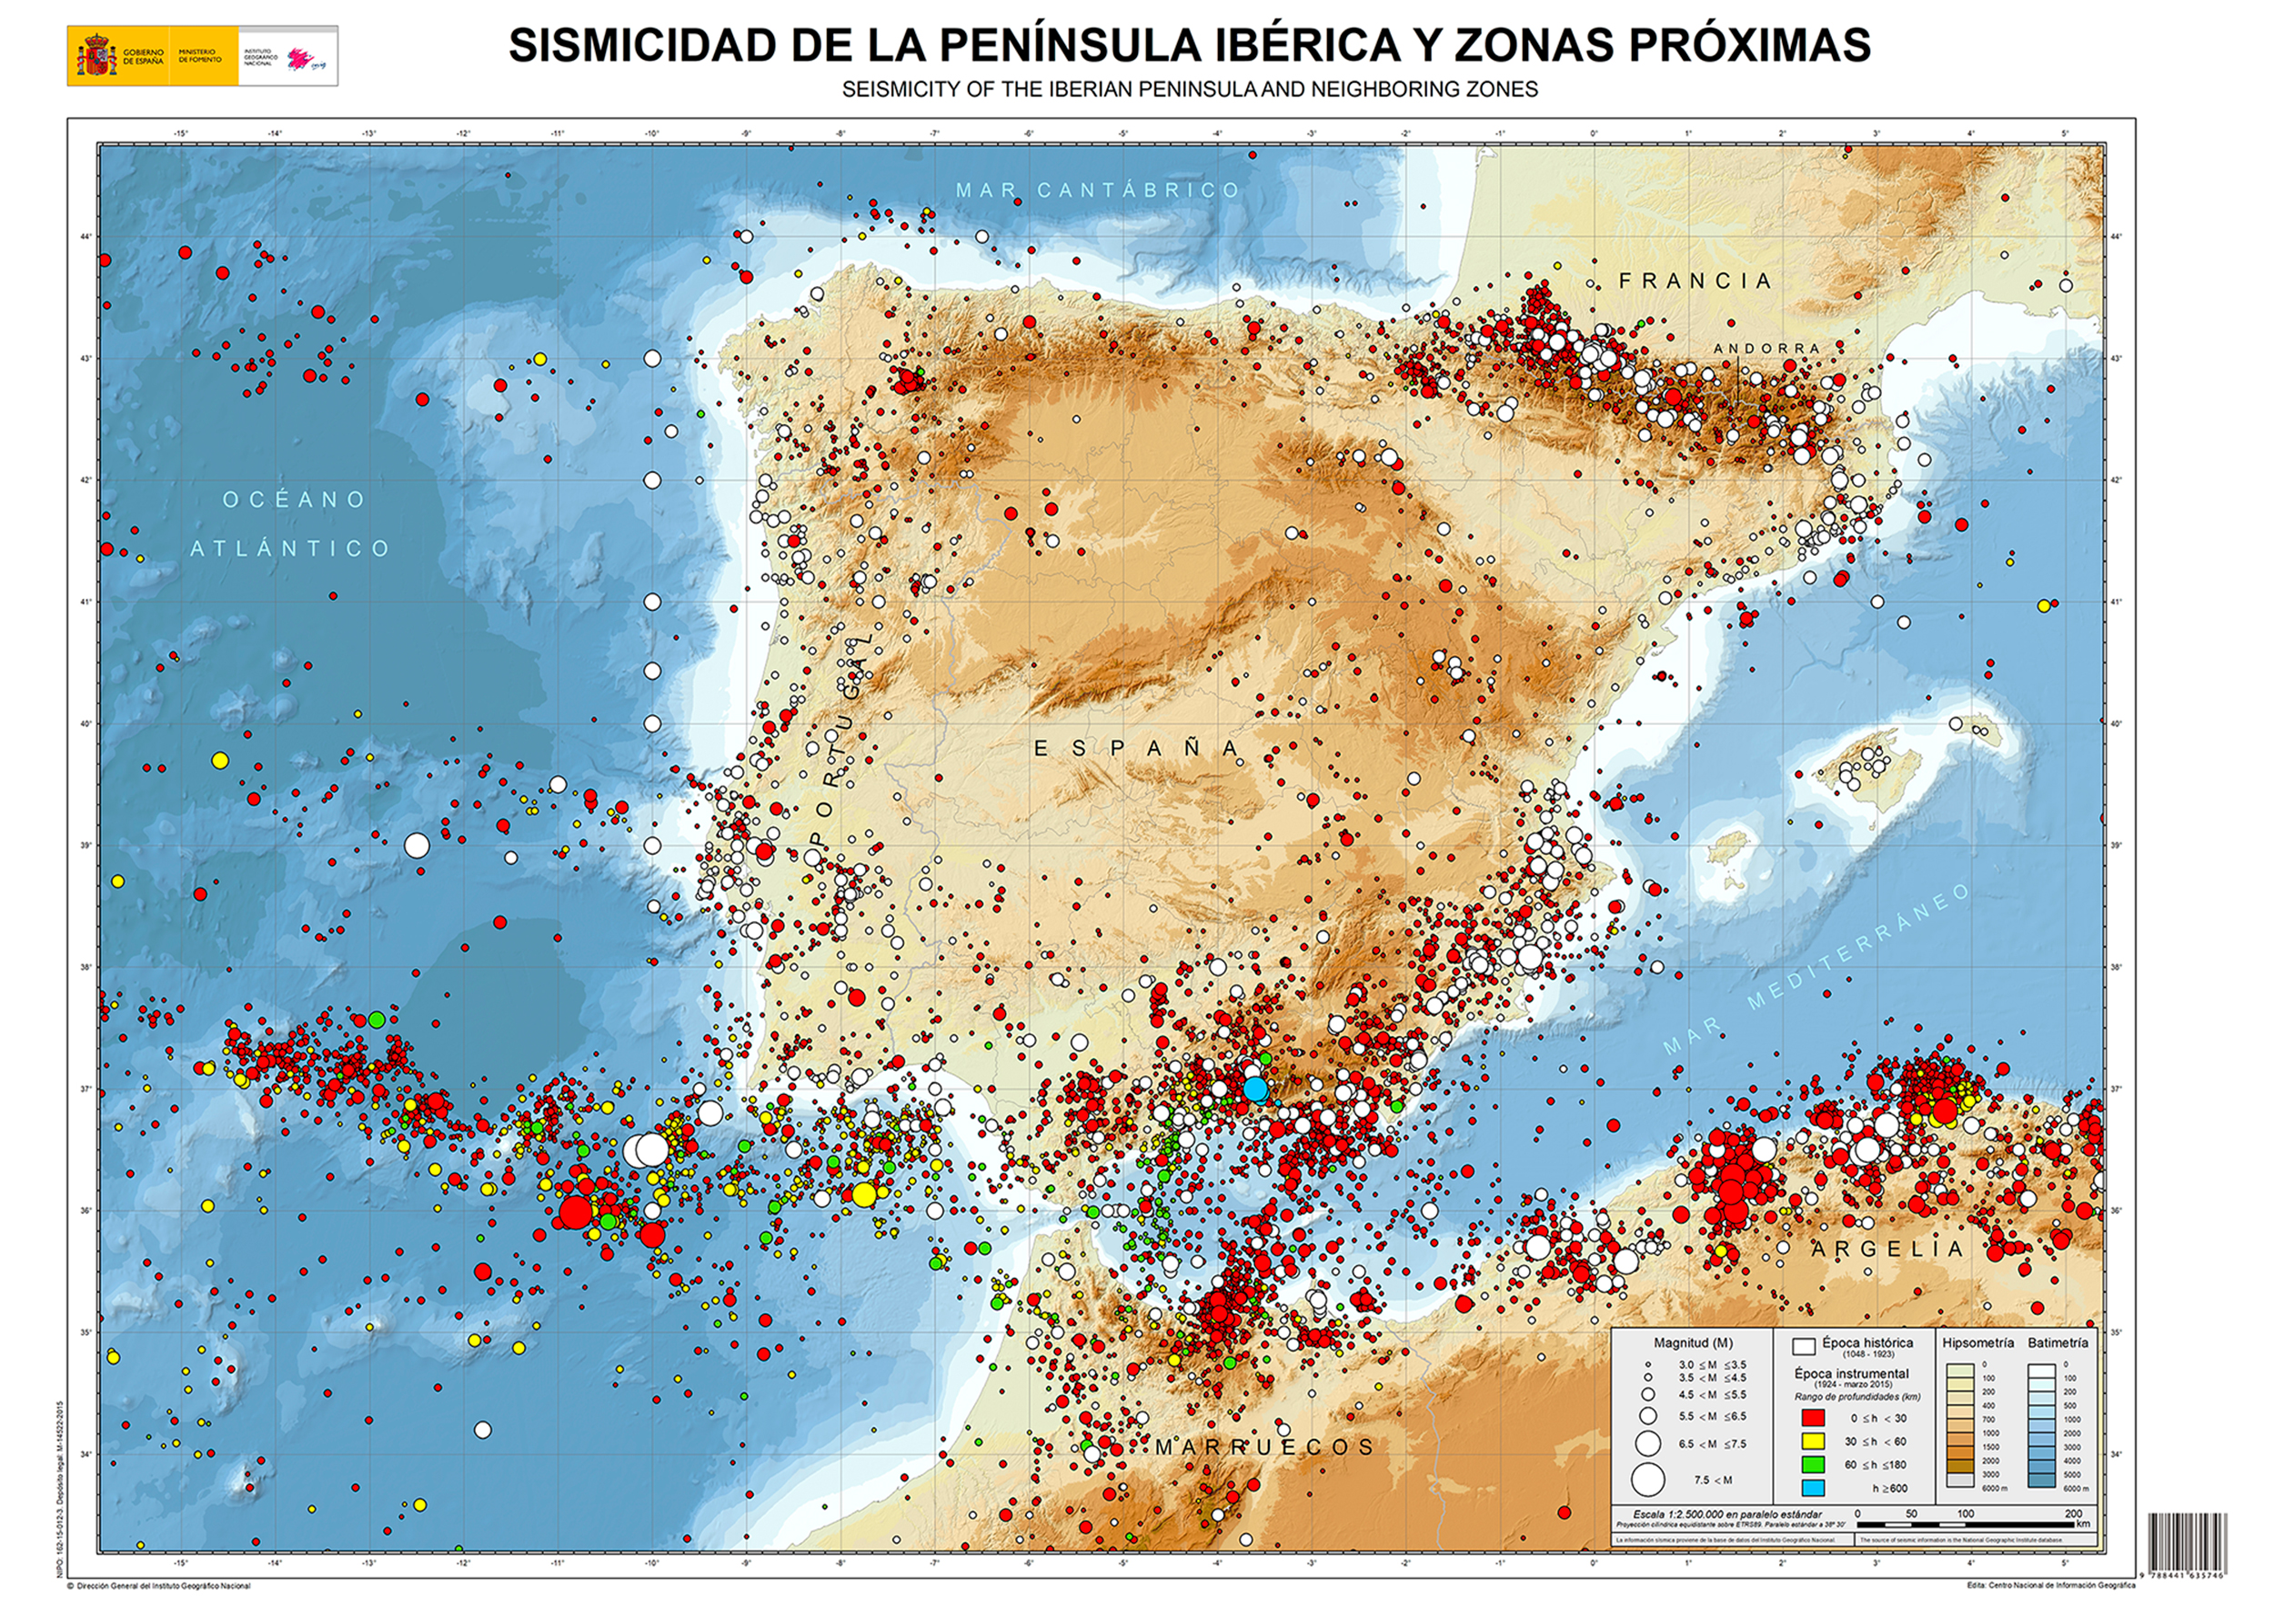 sismicidad.jpg (1001×716)